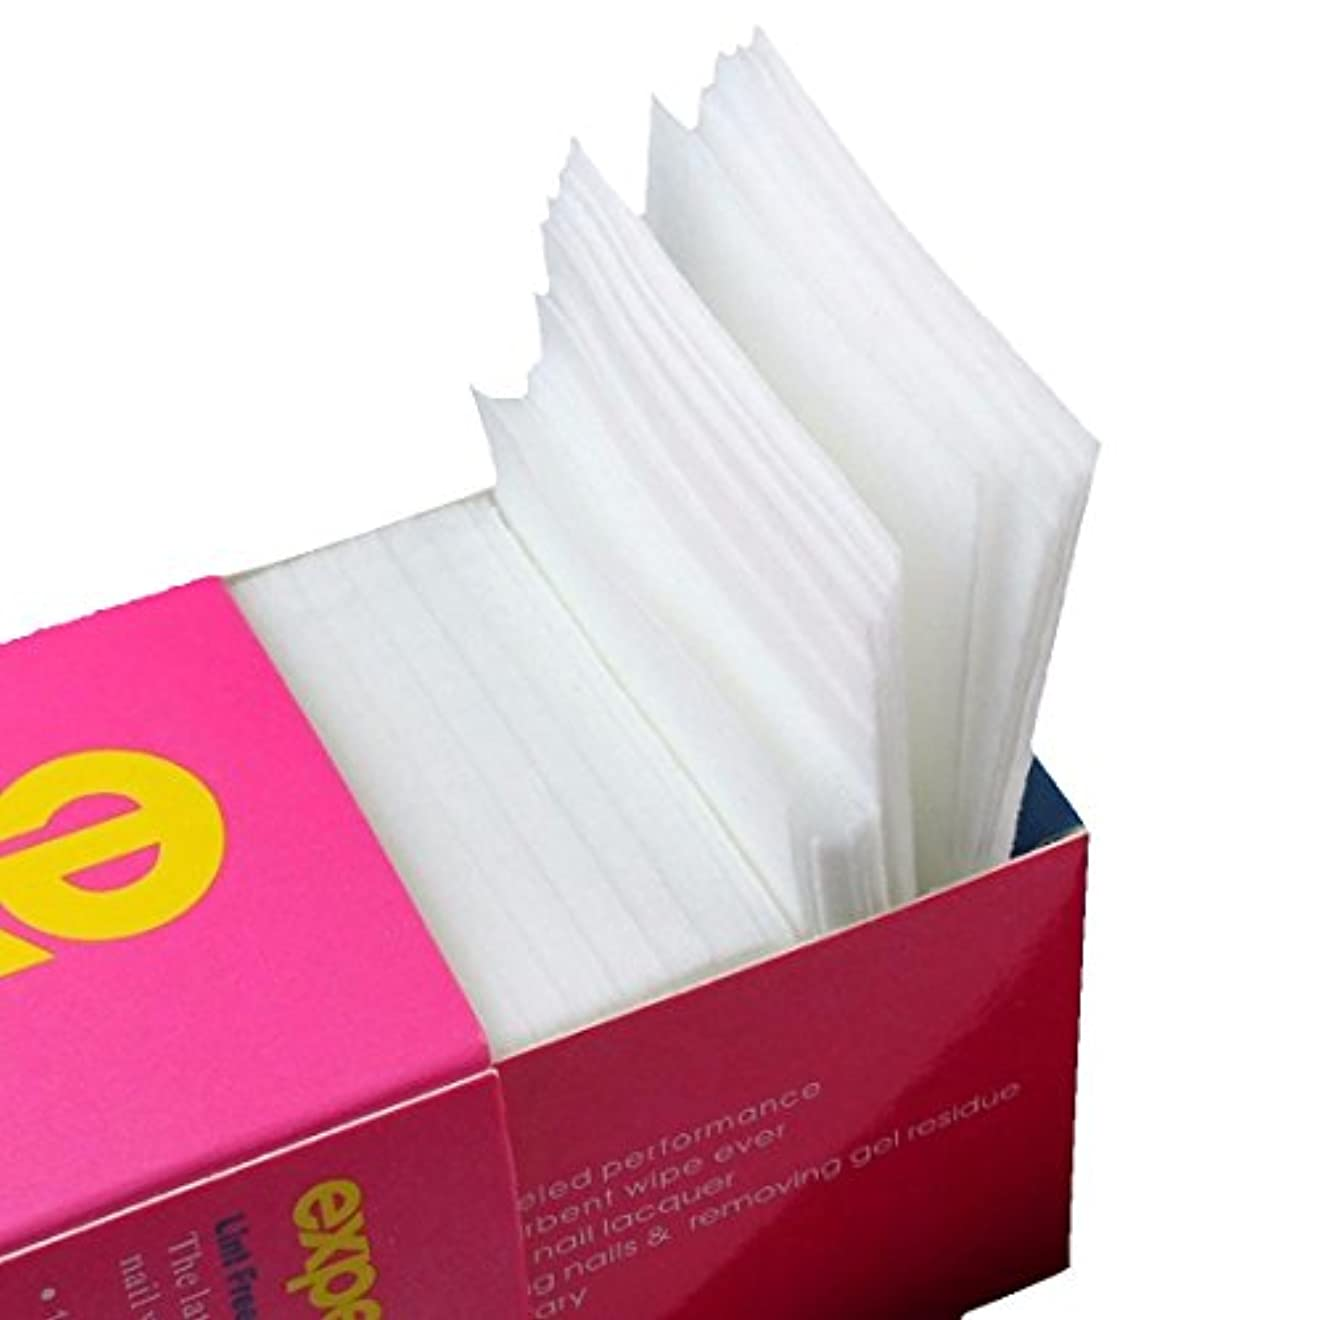 着実に正確さ欺くACAMPTAR 325枚ネイルワイプリントフリーコットンパッド、ネイルジェル除去用不織布綿シートネイルポリッシュクリーニングパッド